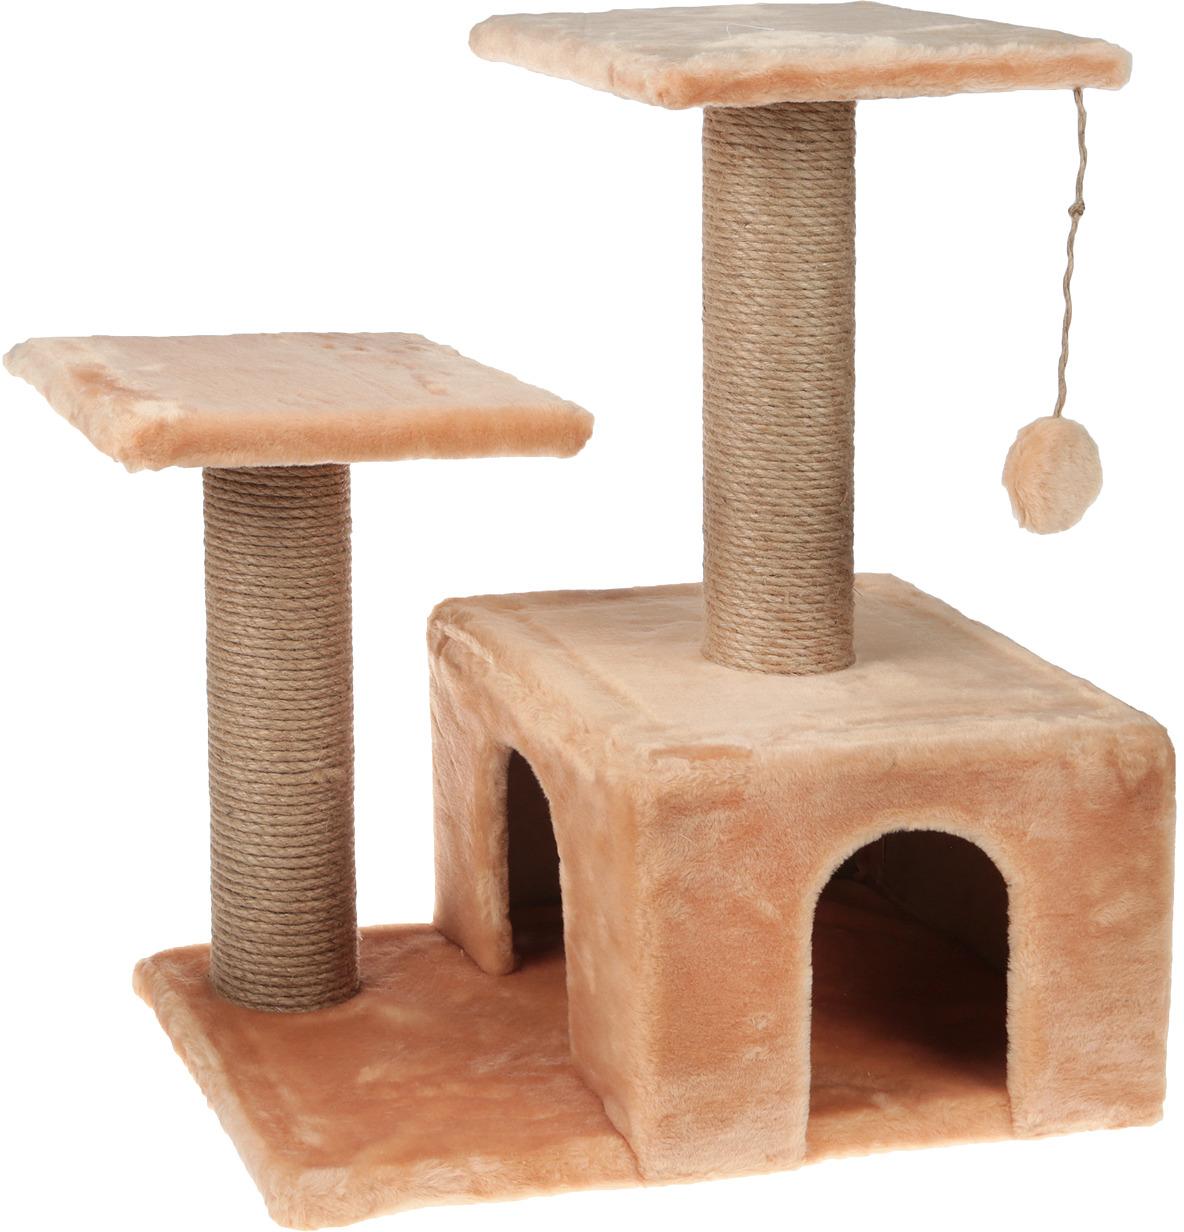 Игровой комплекс для кошек Гамма, двухуровневый, цвет в ассортименте, 57 х 35 х 77 см гамак для кошек titbit на радиатор цвет бежевый 30 см х 45 см